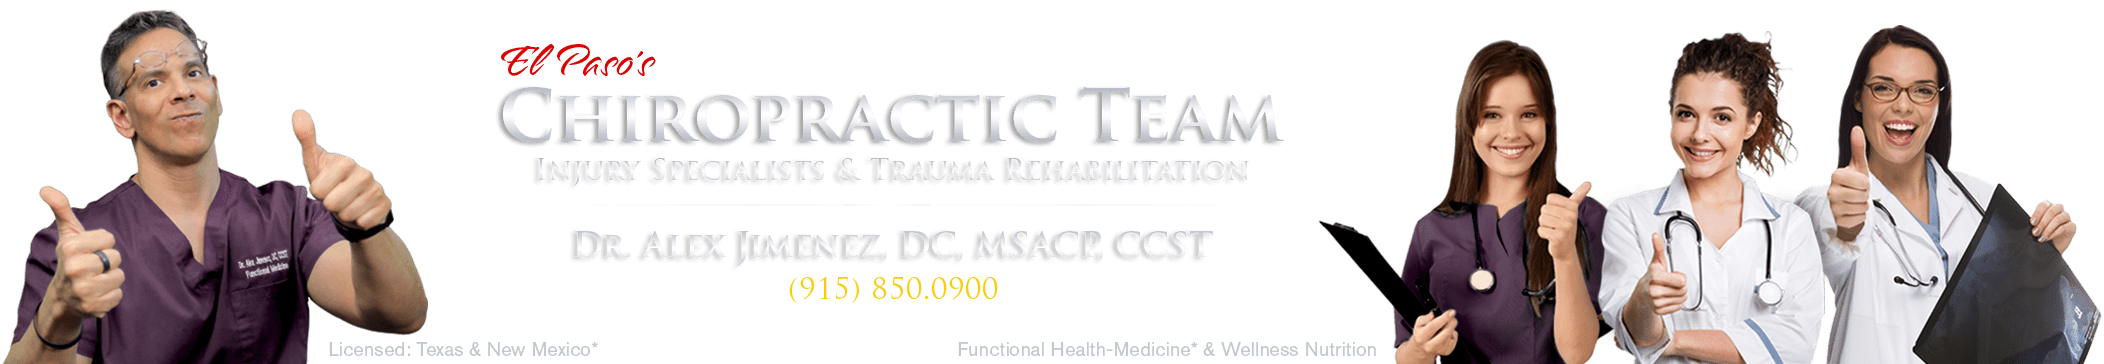 Primeira clínica de Quiropraxia de El Paso 915-850-0900